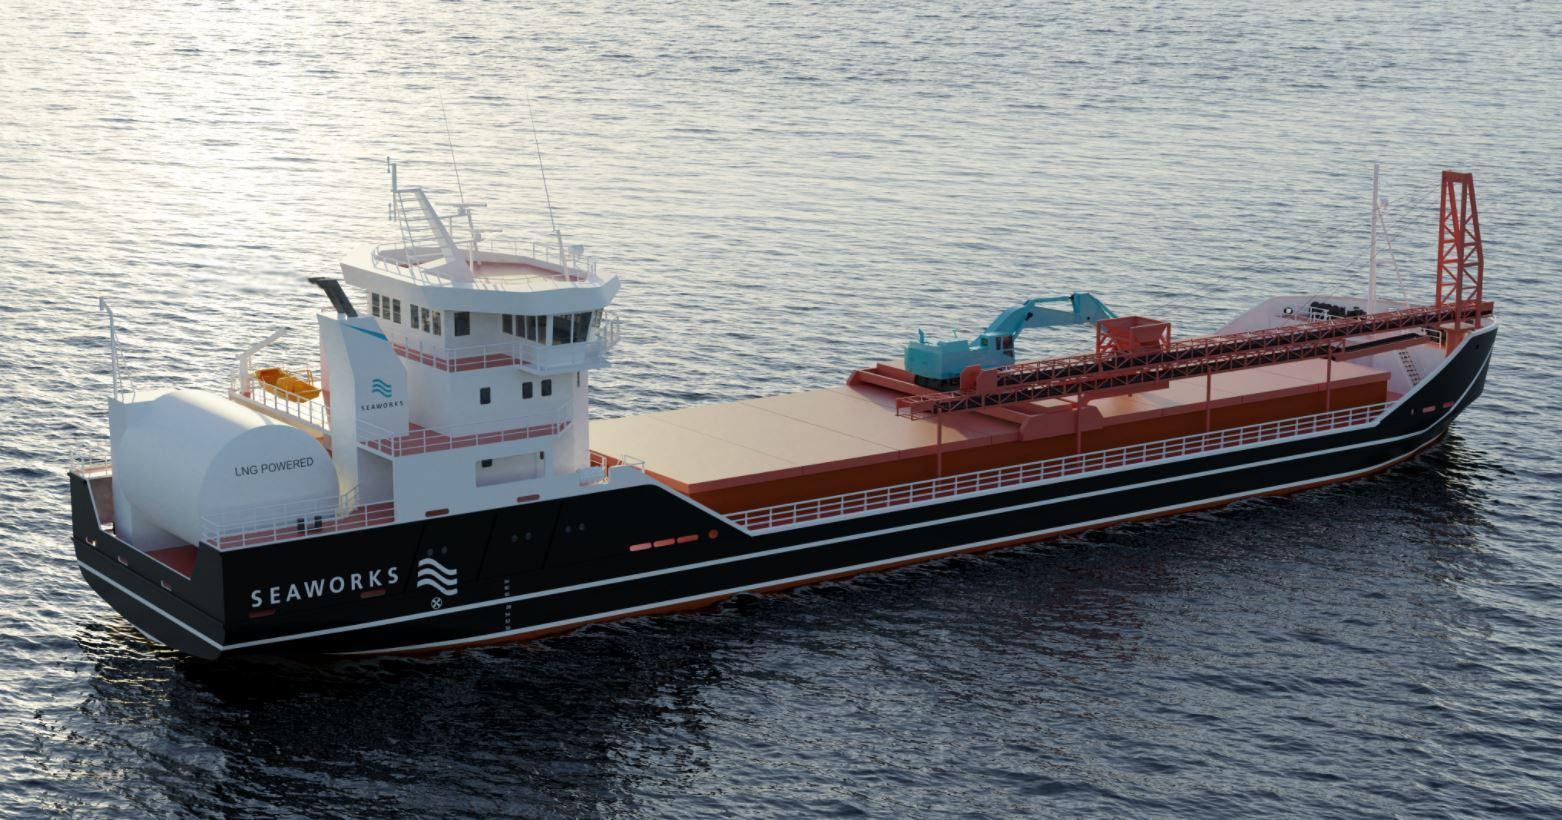 Kongsberg to supply LNG propulsion for Seaworks' bulker